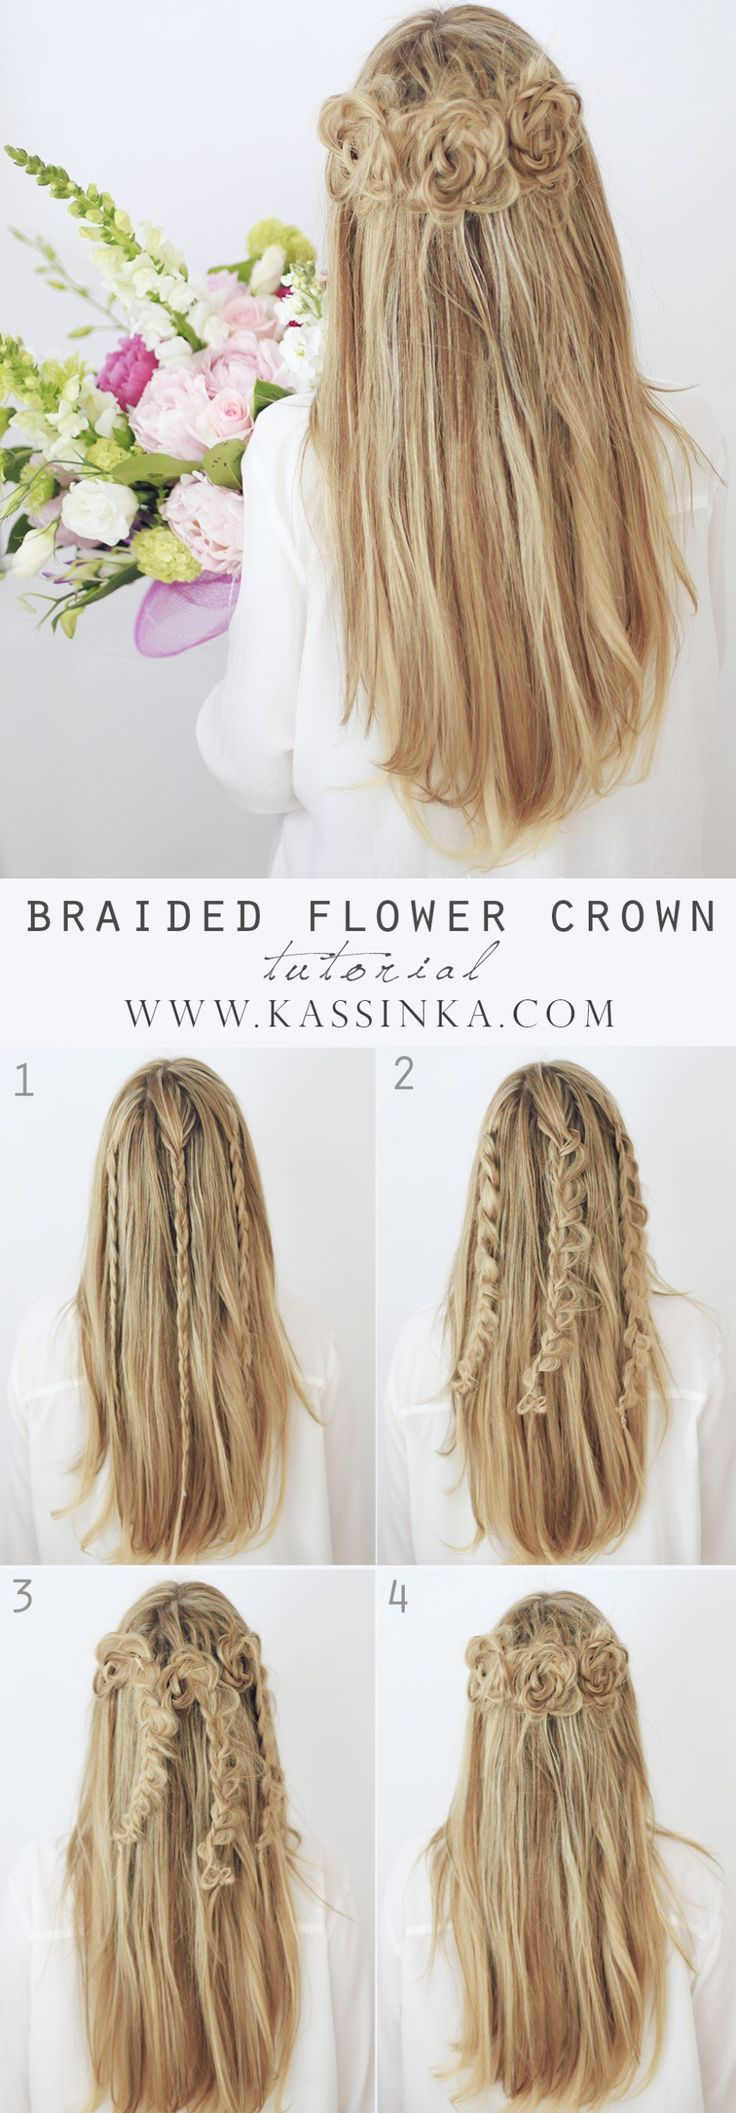 best hair ideas images on pinterest hair ideas hairstyle ideas